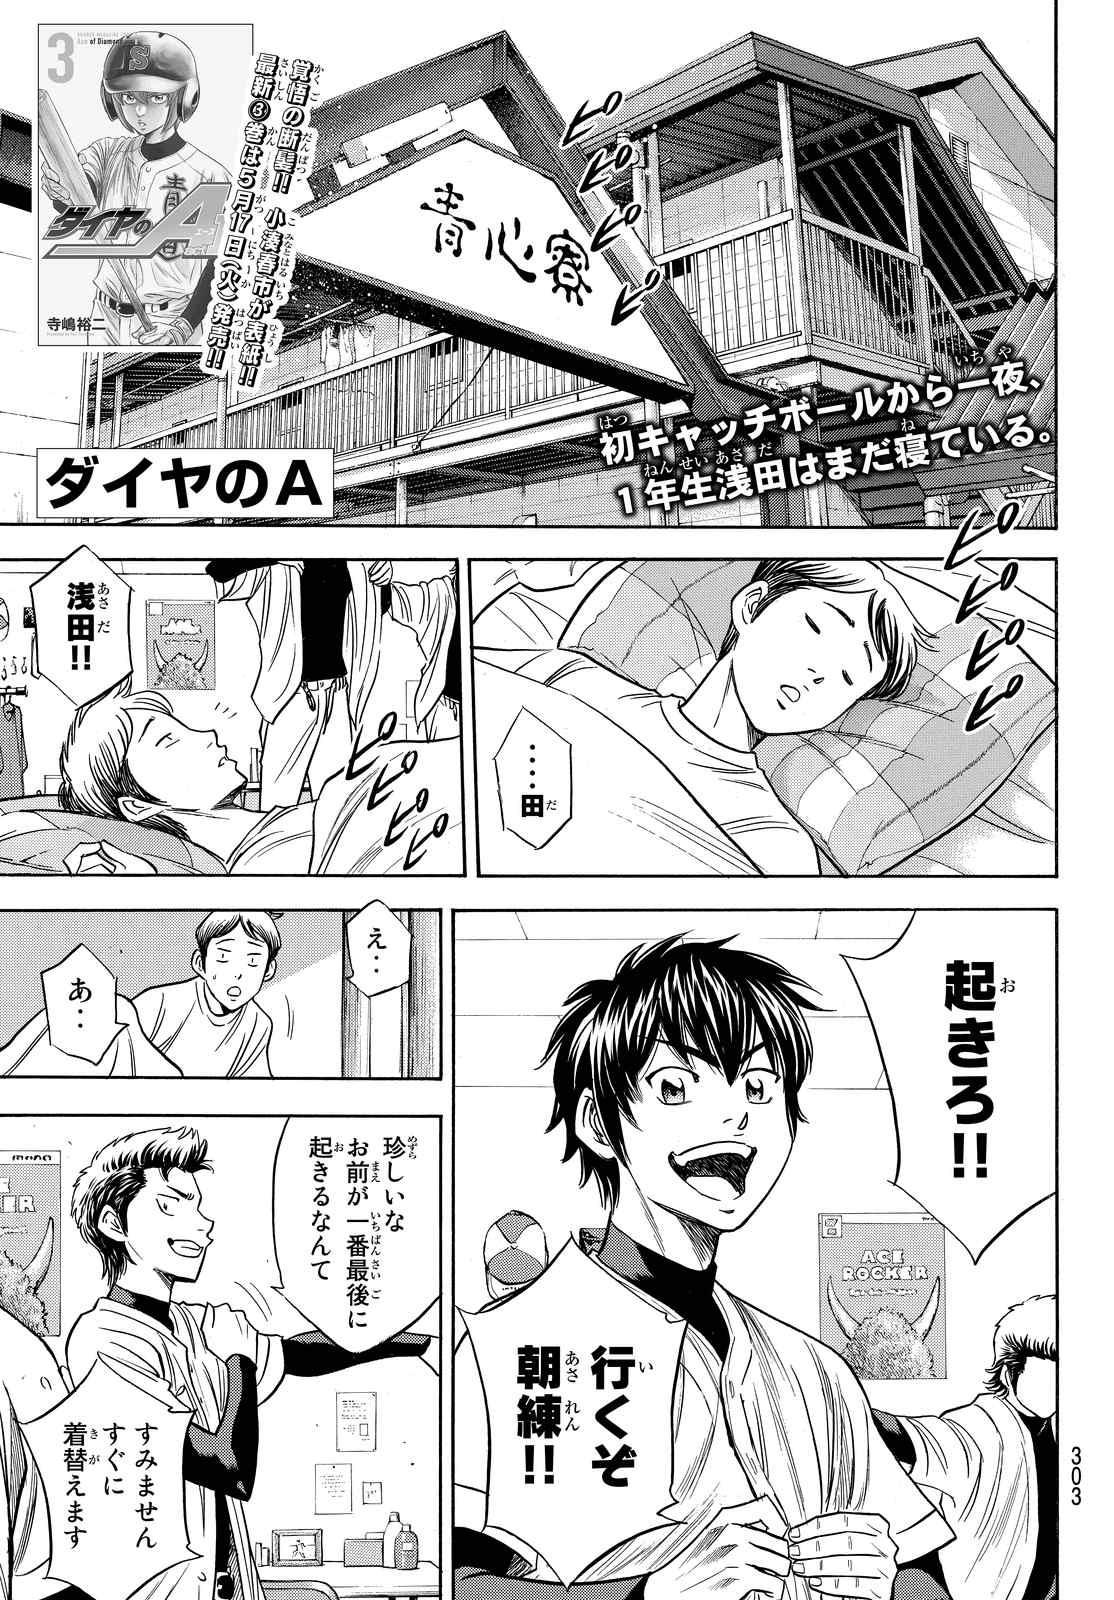 Daiya no A Act II - Chapter 033 - Page 1